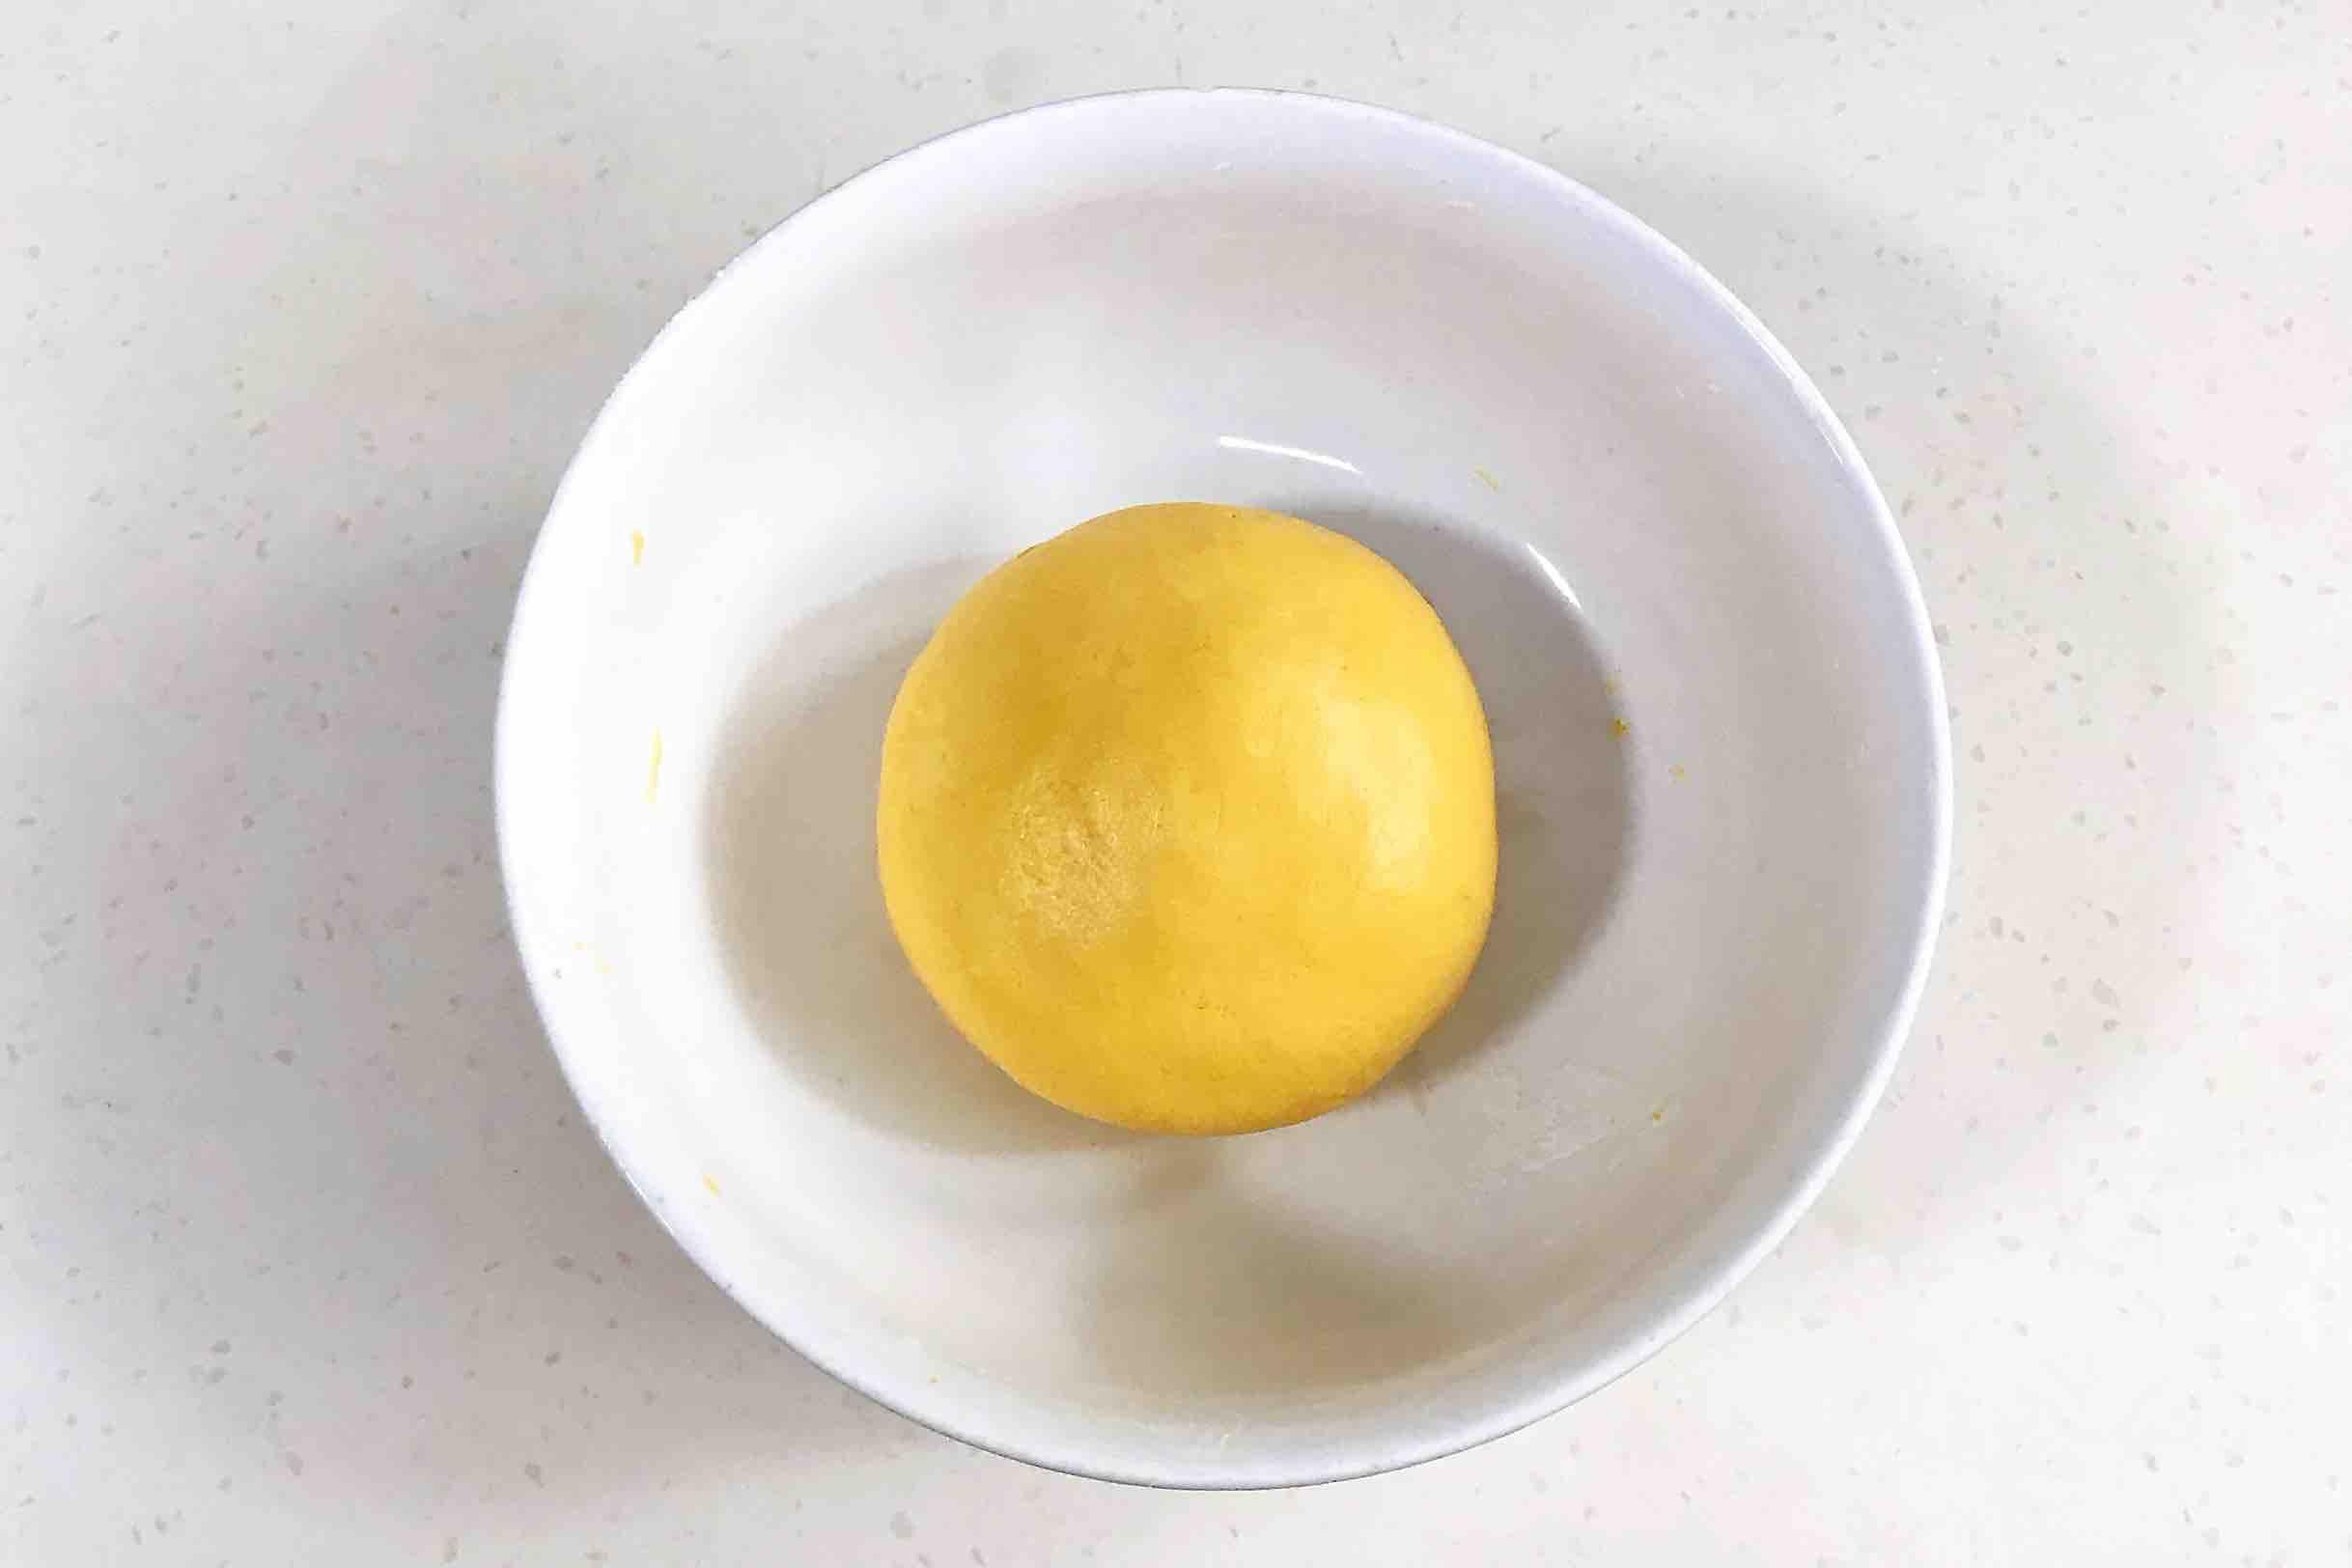 姜汁玫瑰红糖南瓜圆子怎么吃